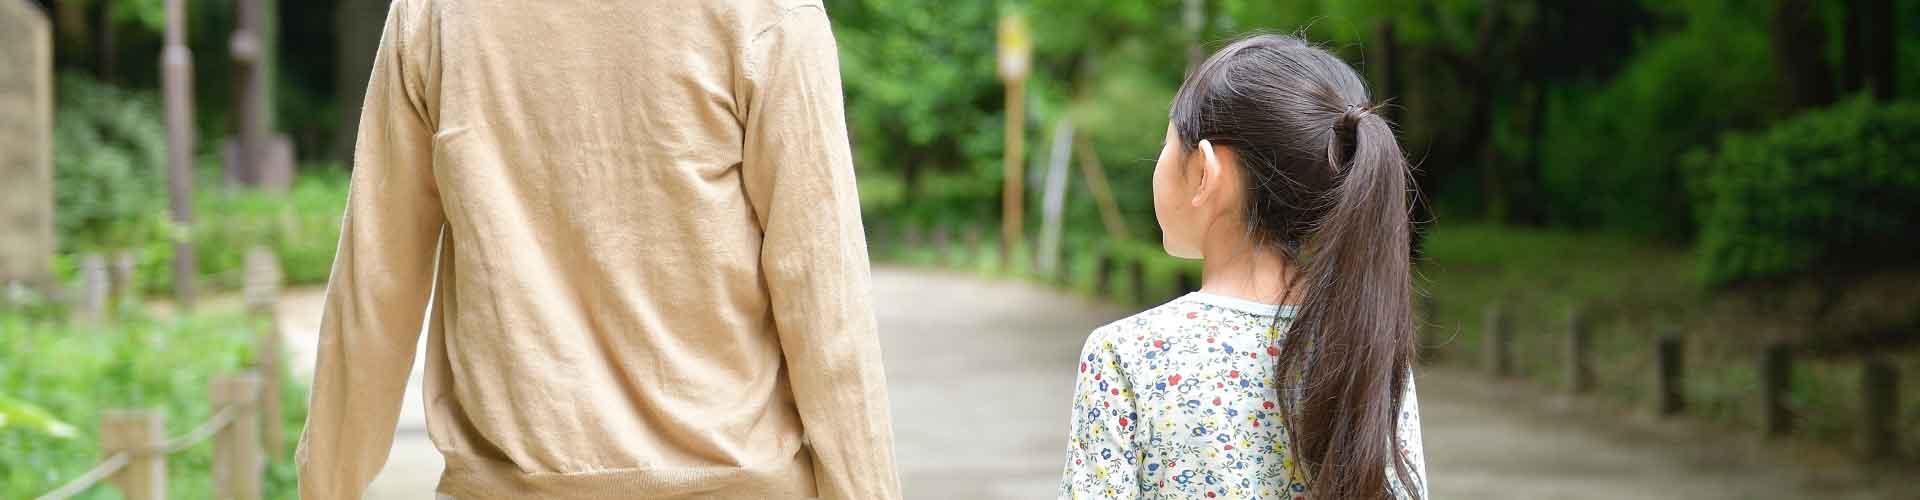 ママ次第で子どもは変わる?勉強できない子のタイプ別対処法